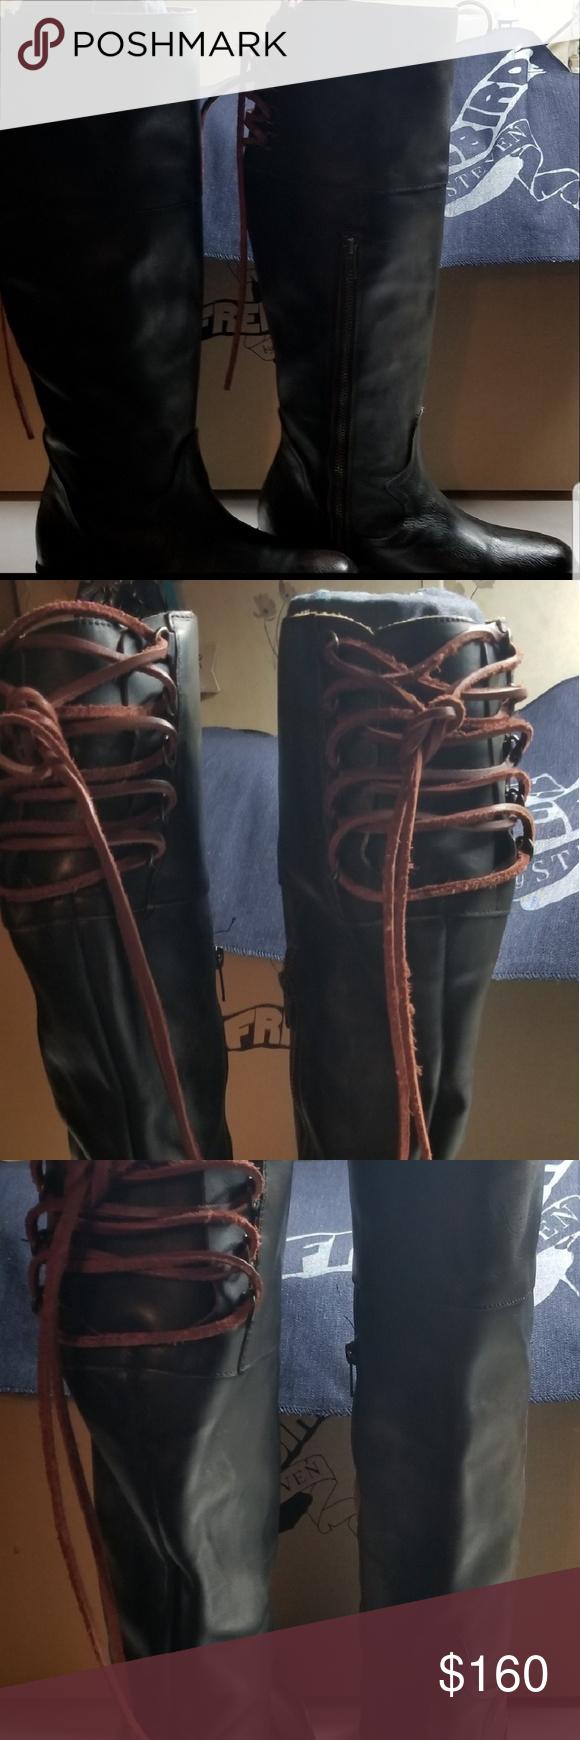 Freebird boots Freebird boots, Steven shoes, Boots